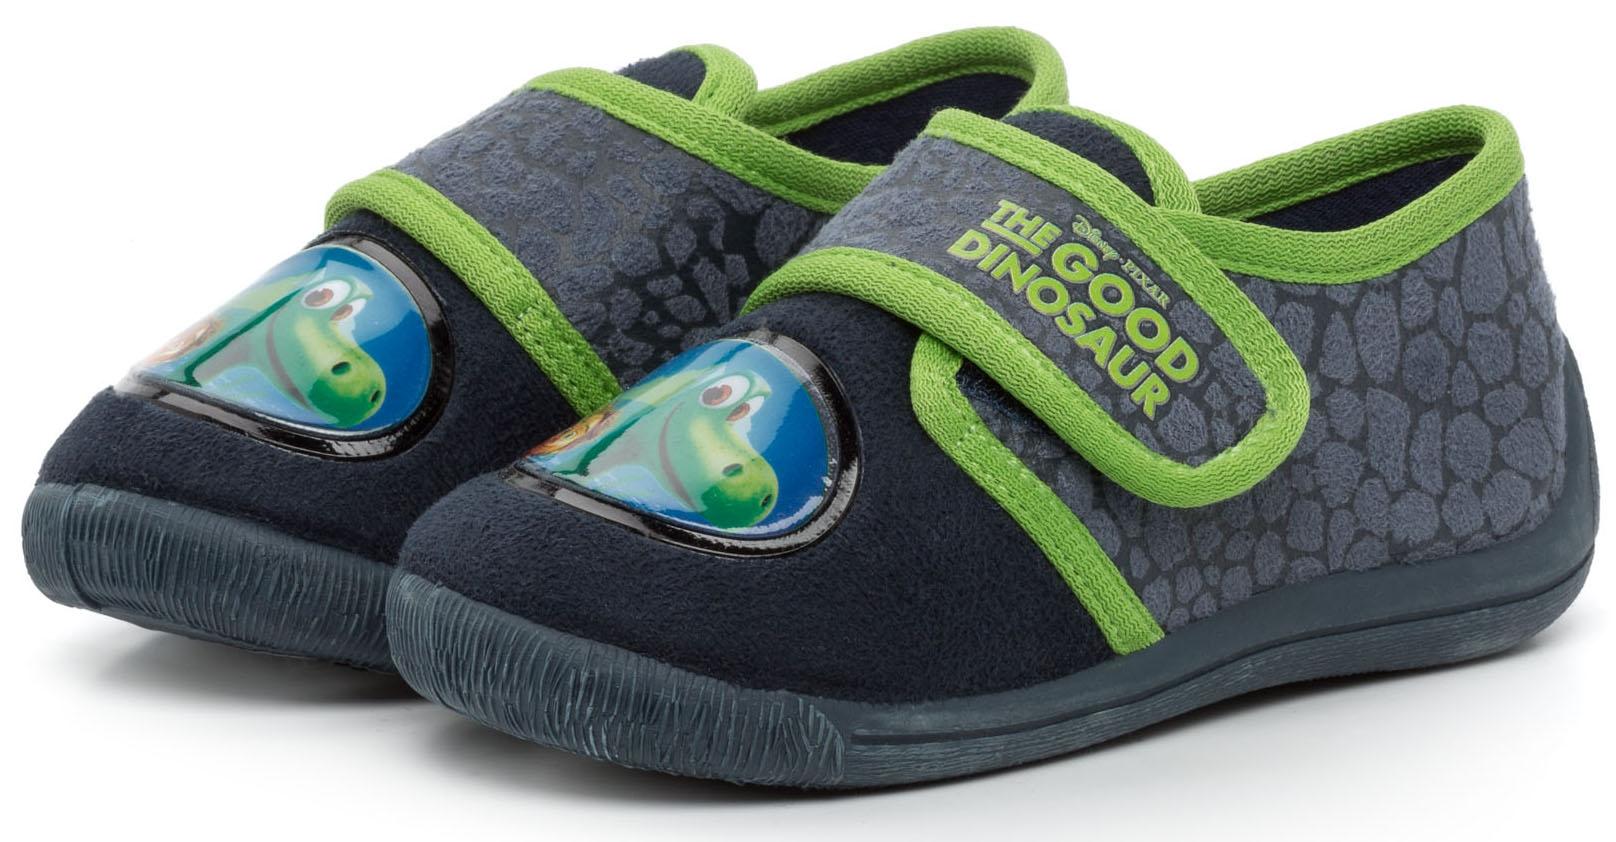 Кроссовки и кеды THE GOOD DINOSAUR Полуботинки для мальчика The Good Dinosaur, темно-синие с зеленой отделкой сапоги the good dinosaur сапоги